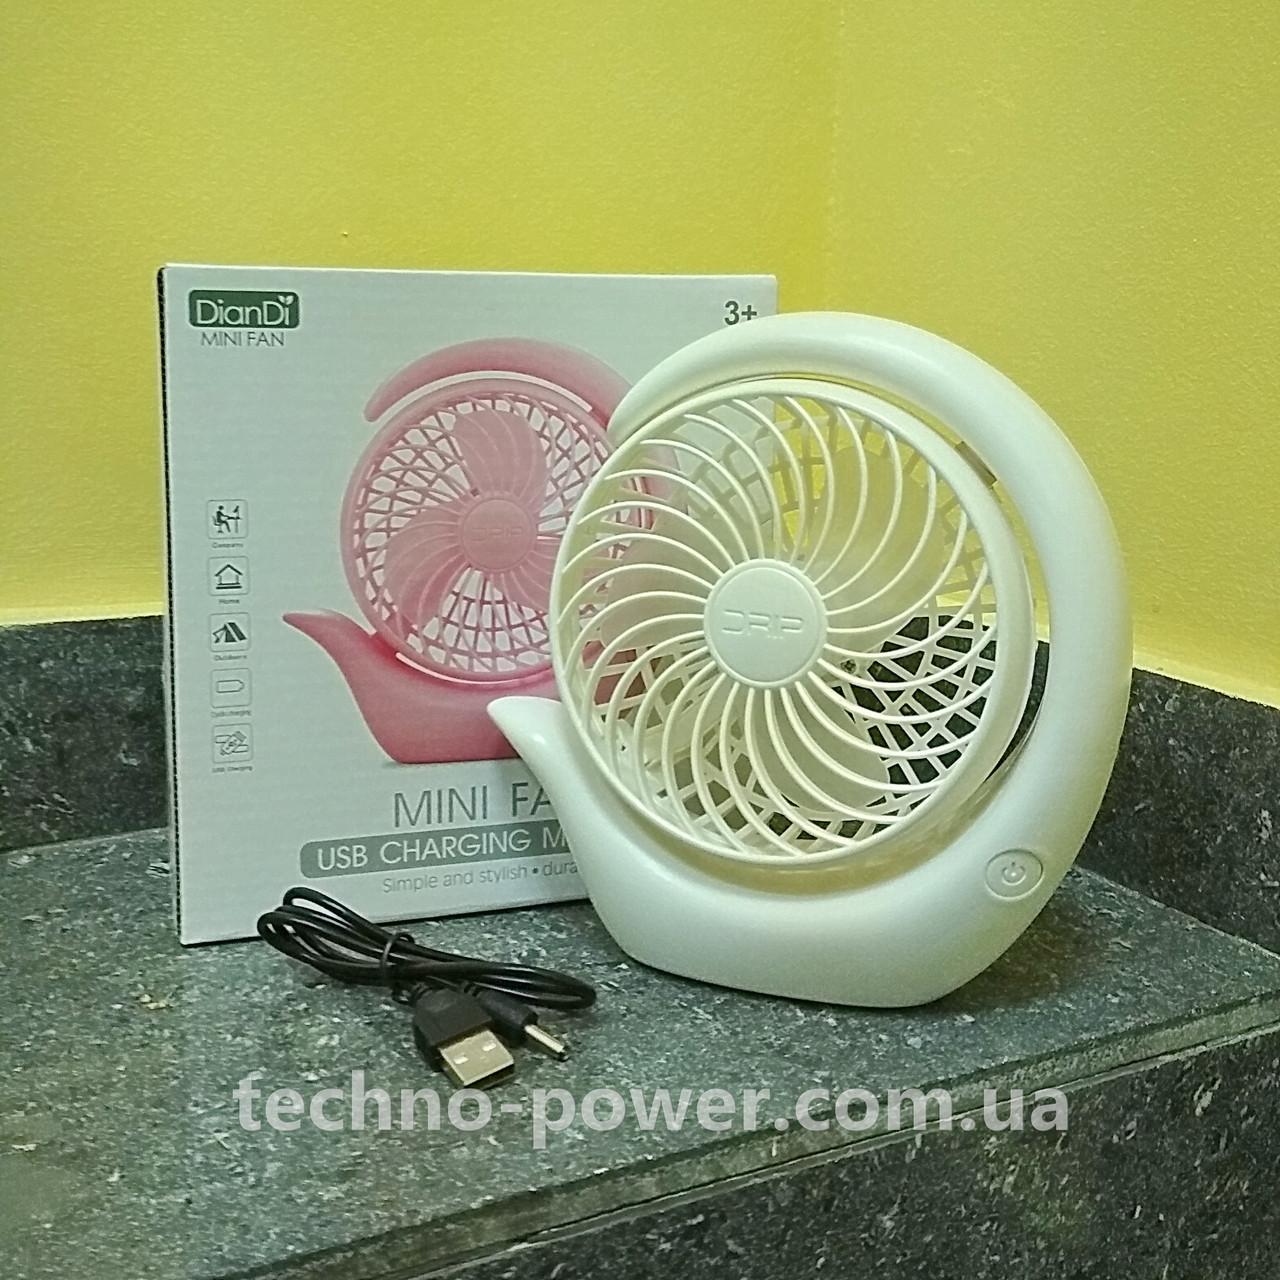 Настольный мини вентилятор портативный DianDi Circle Вентилятор аккумуляторный 2 скорости